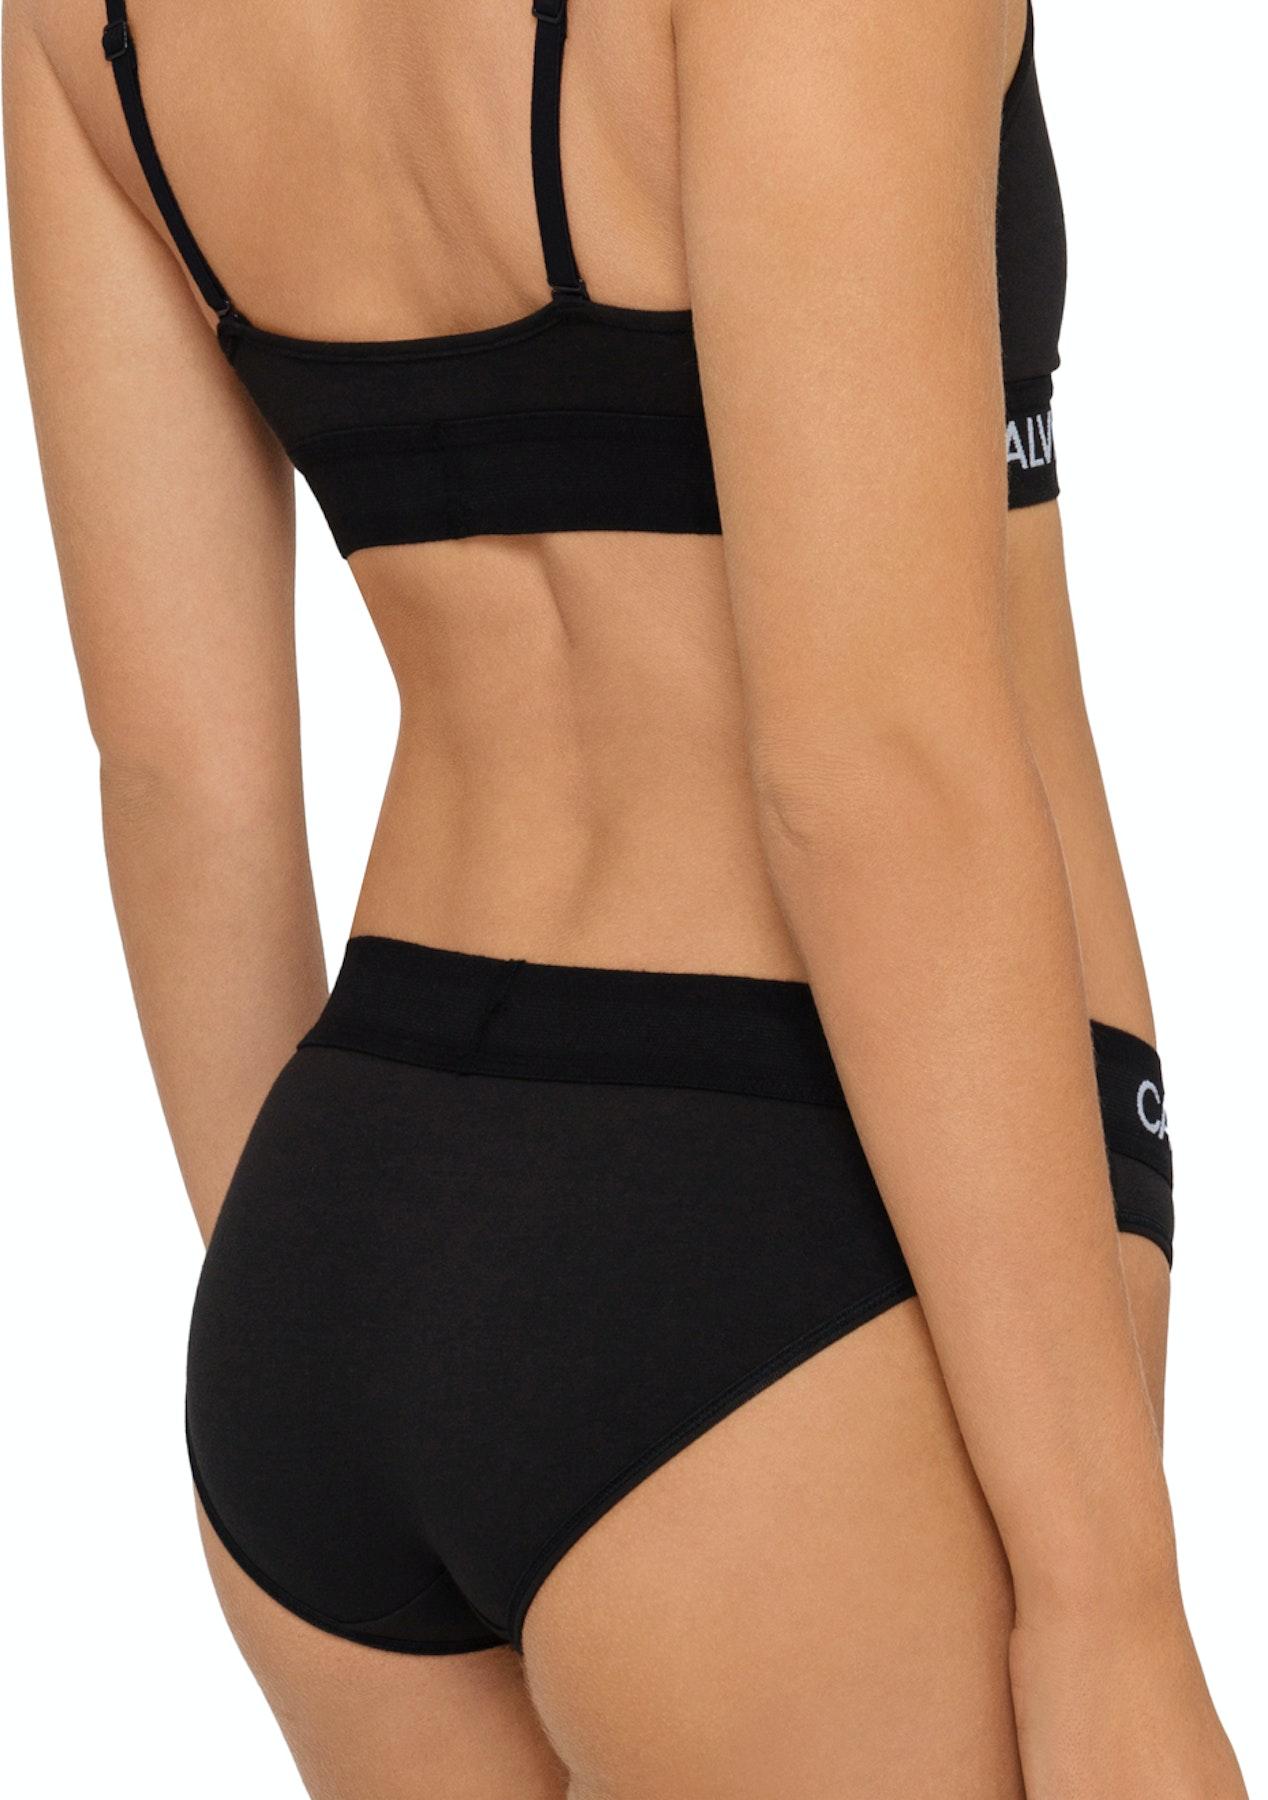 544d2ee8c81 Calvin Klein - Monogram Unlined Triangle - Black - Underwear Garage Sale -  Onceit